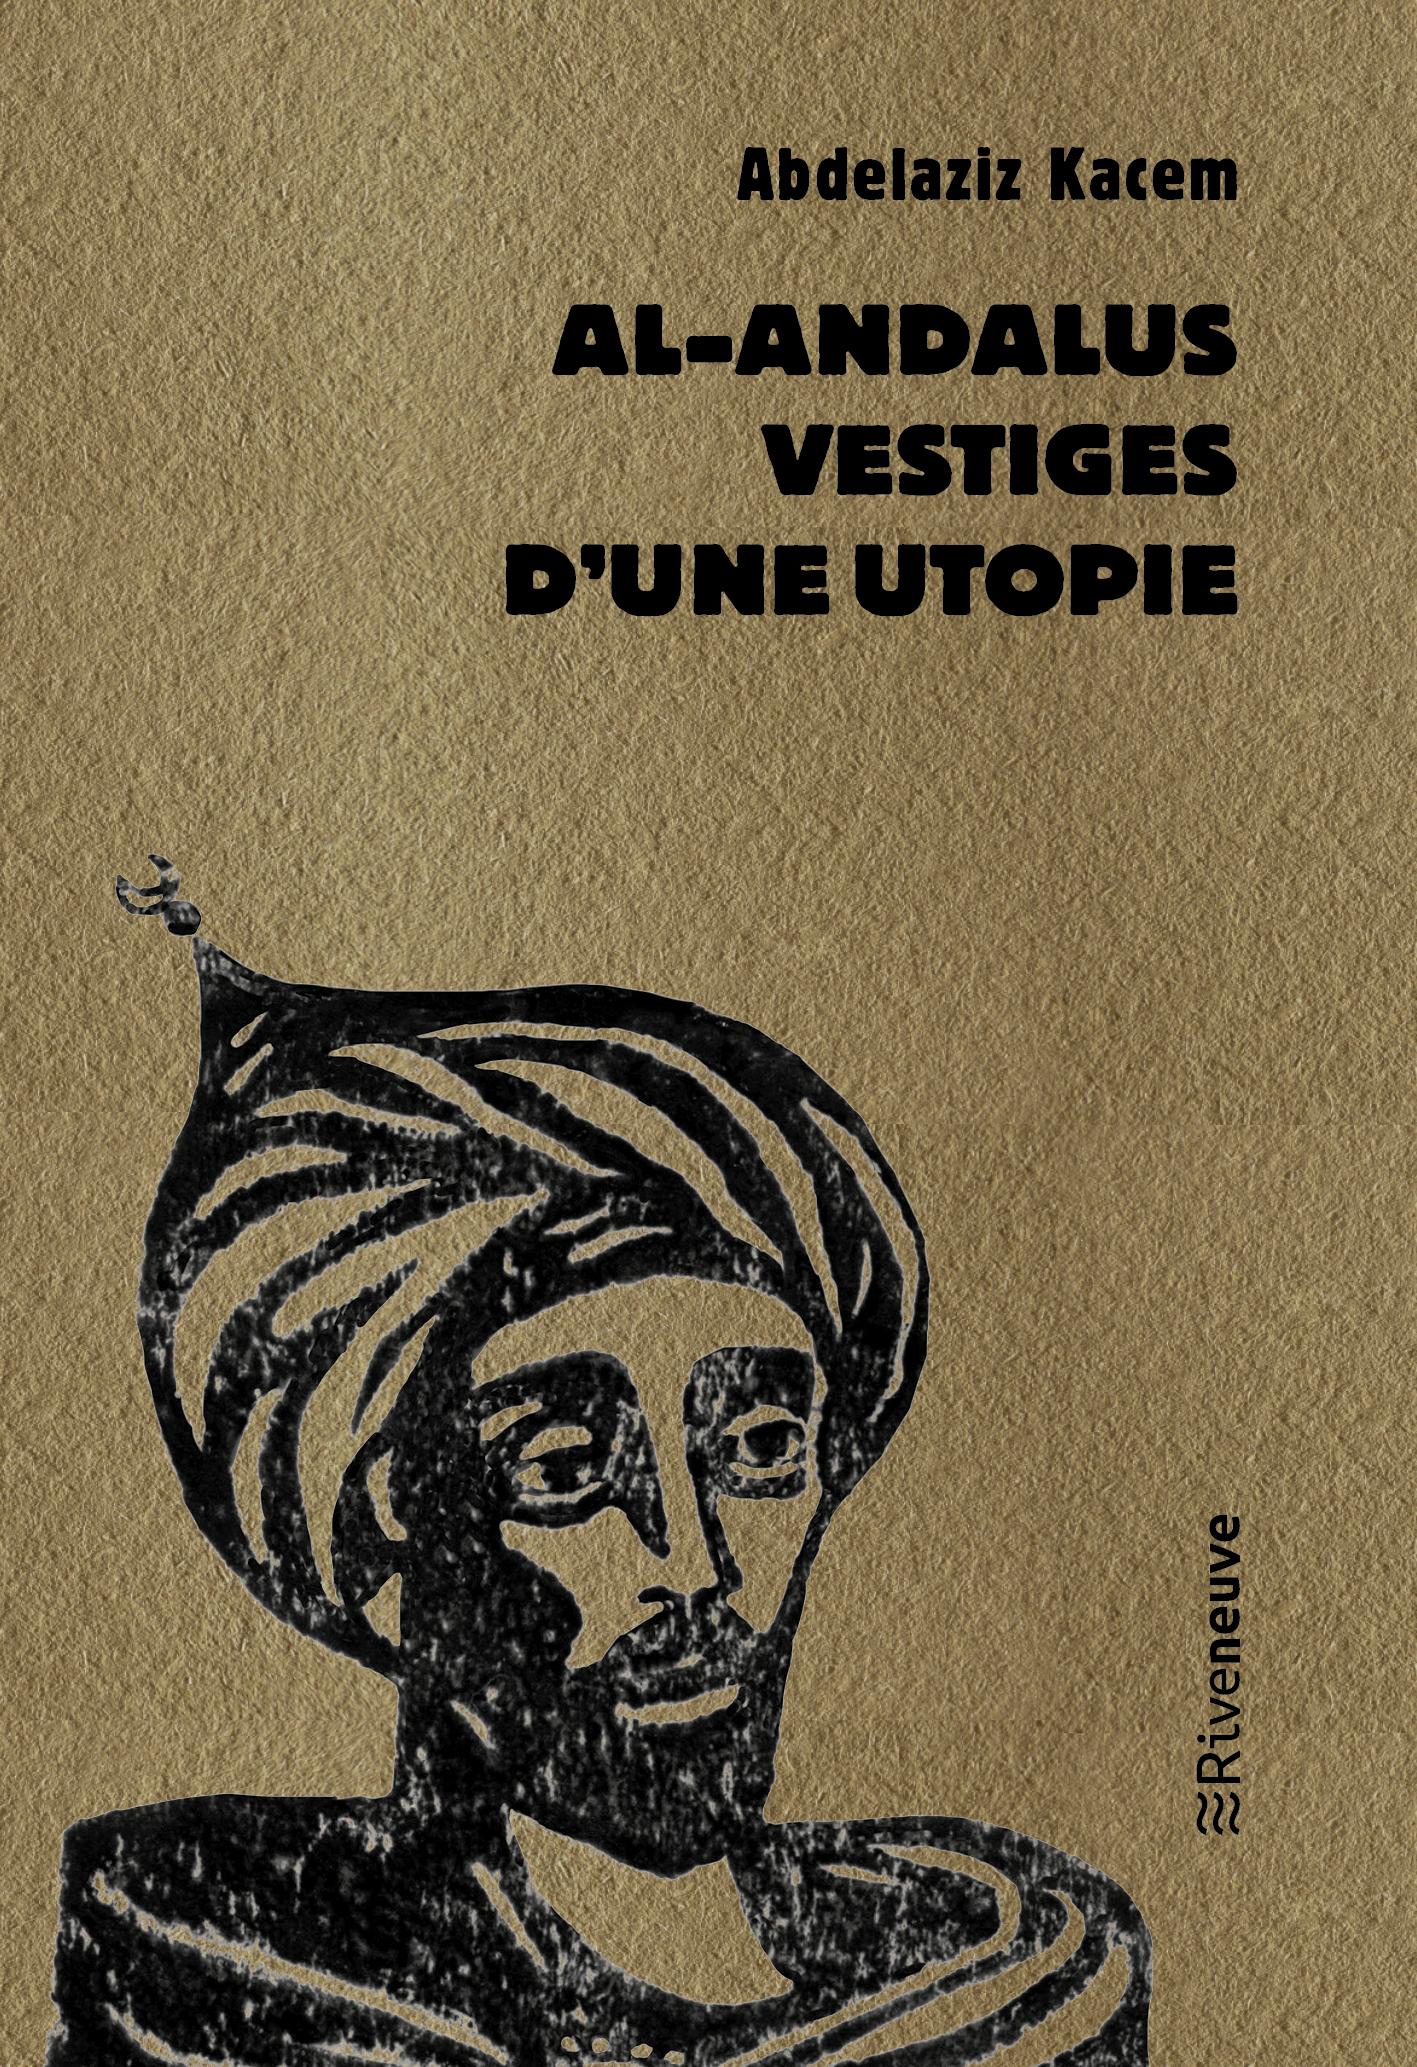 Al-Andalus, vestiges d'une utopie